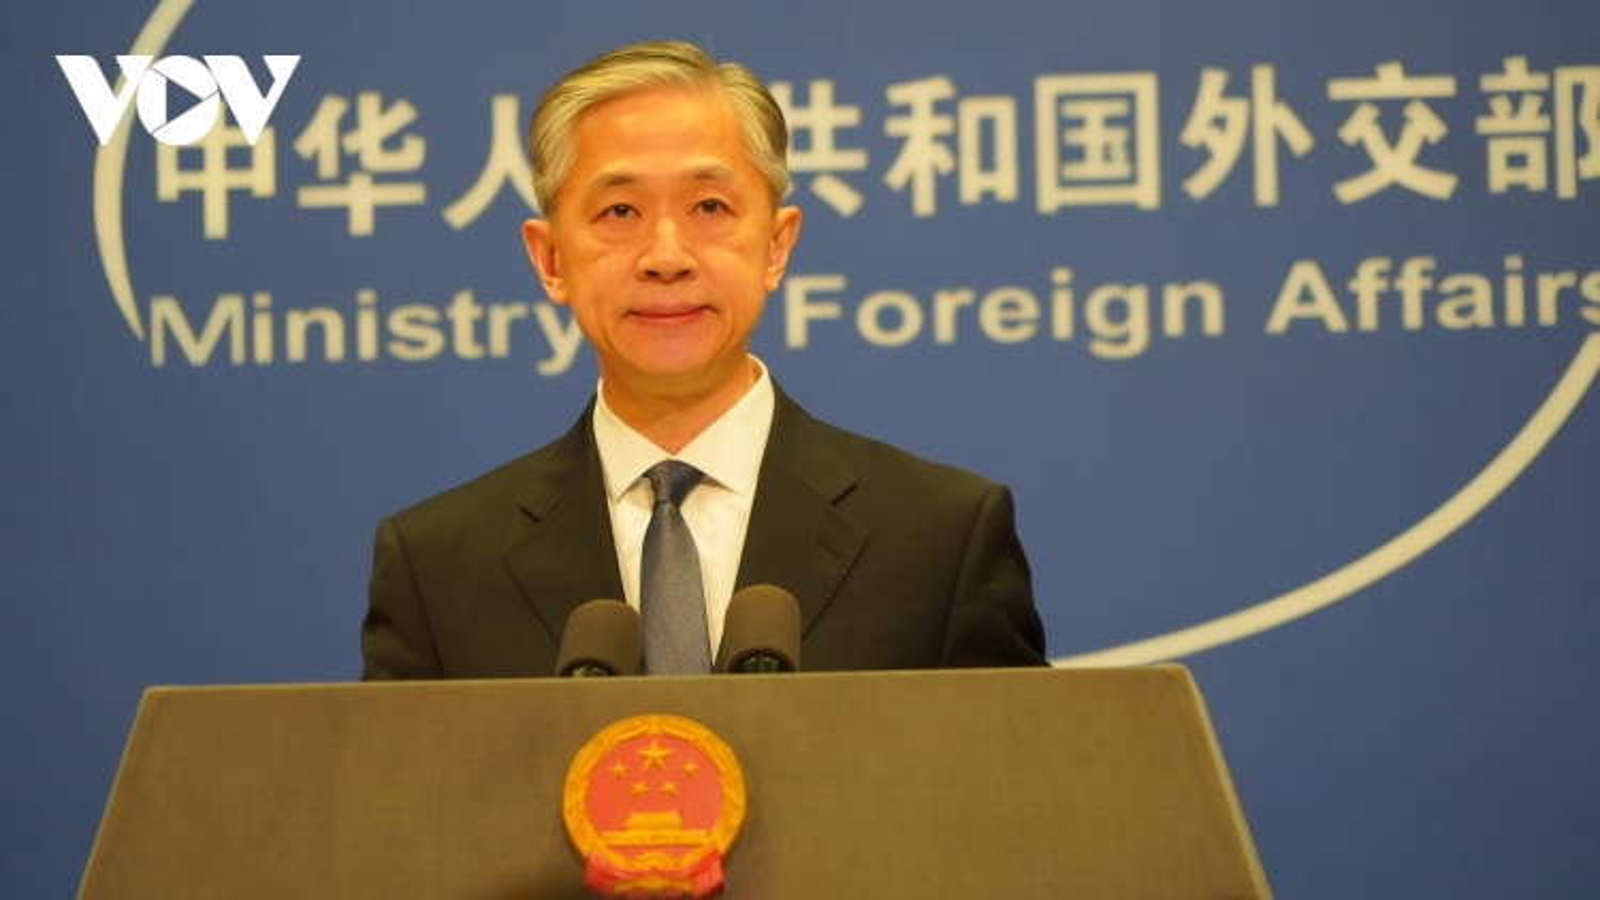 Trung Quốc yêu cầu Mỹ rút lại lệnh trừng phạt 4 quan chức liên quan đến Hong Kong